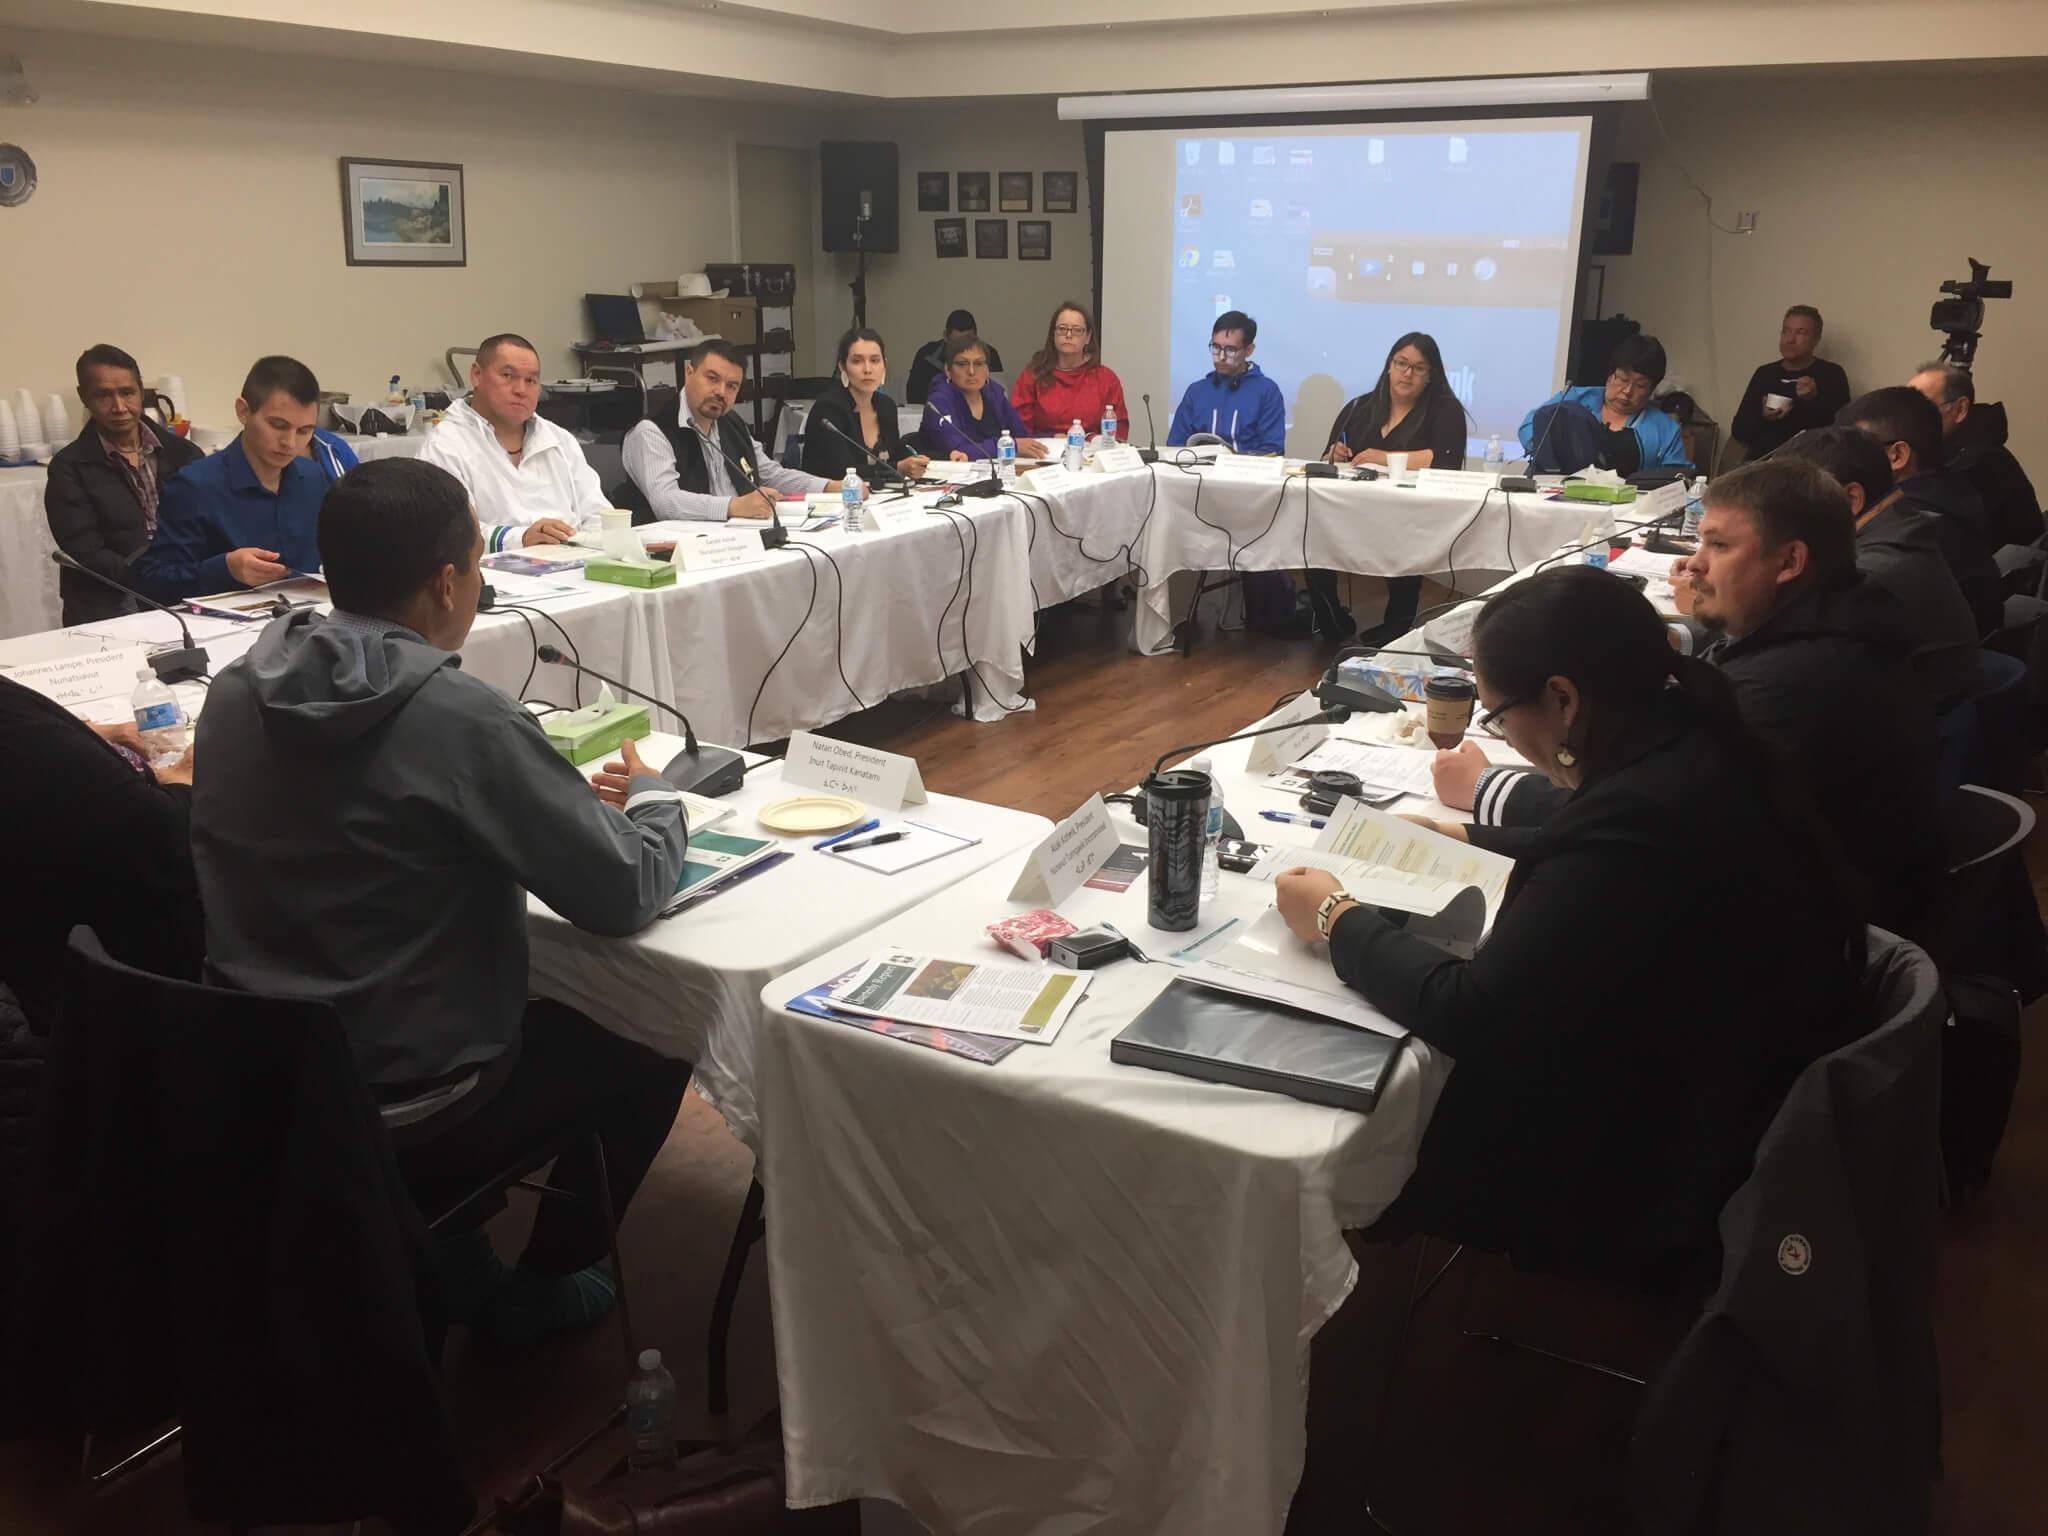 2018 ITK AGM Adjourns in Inuvik